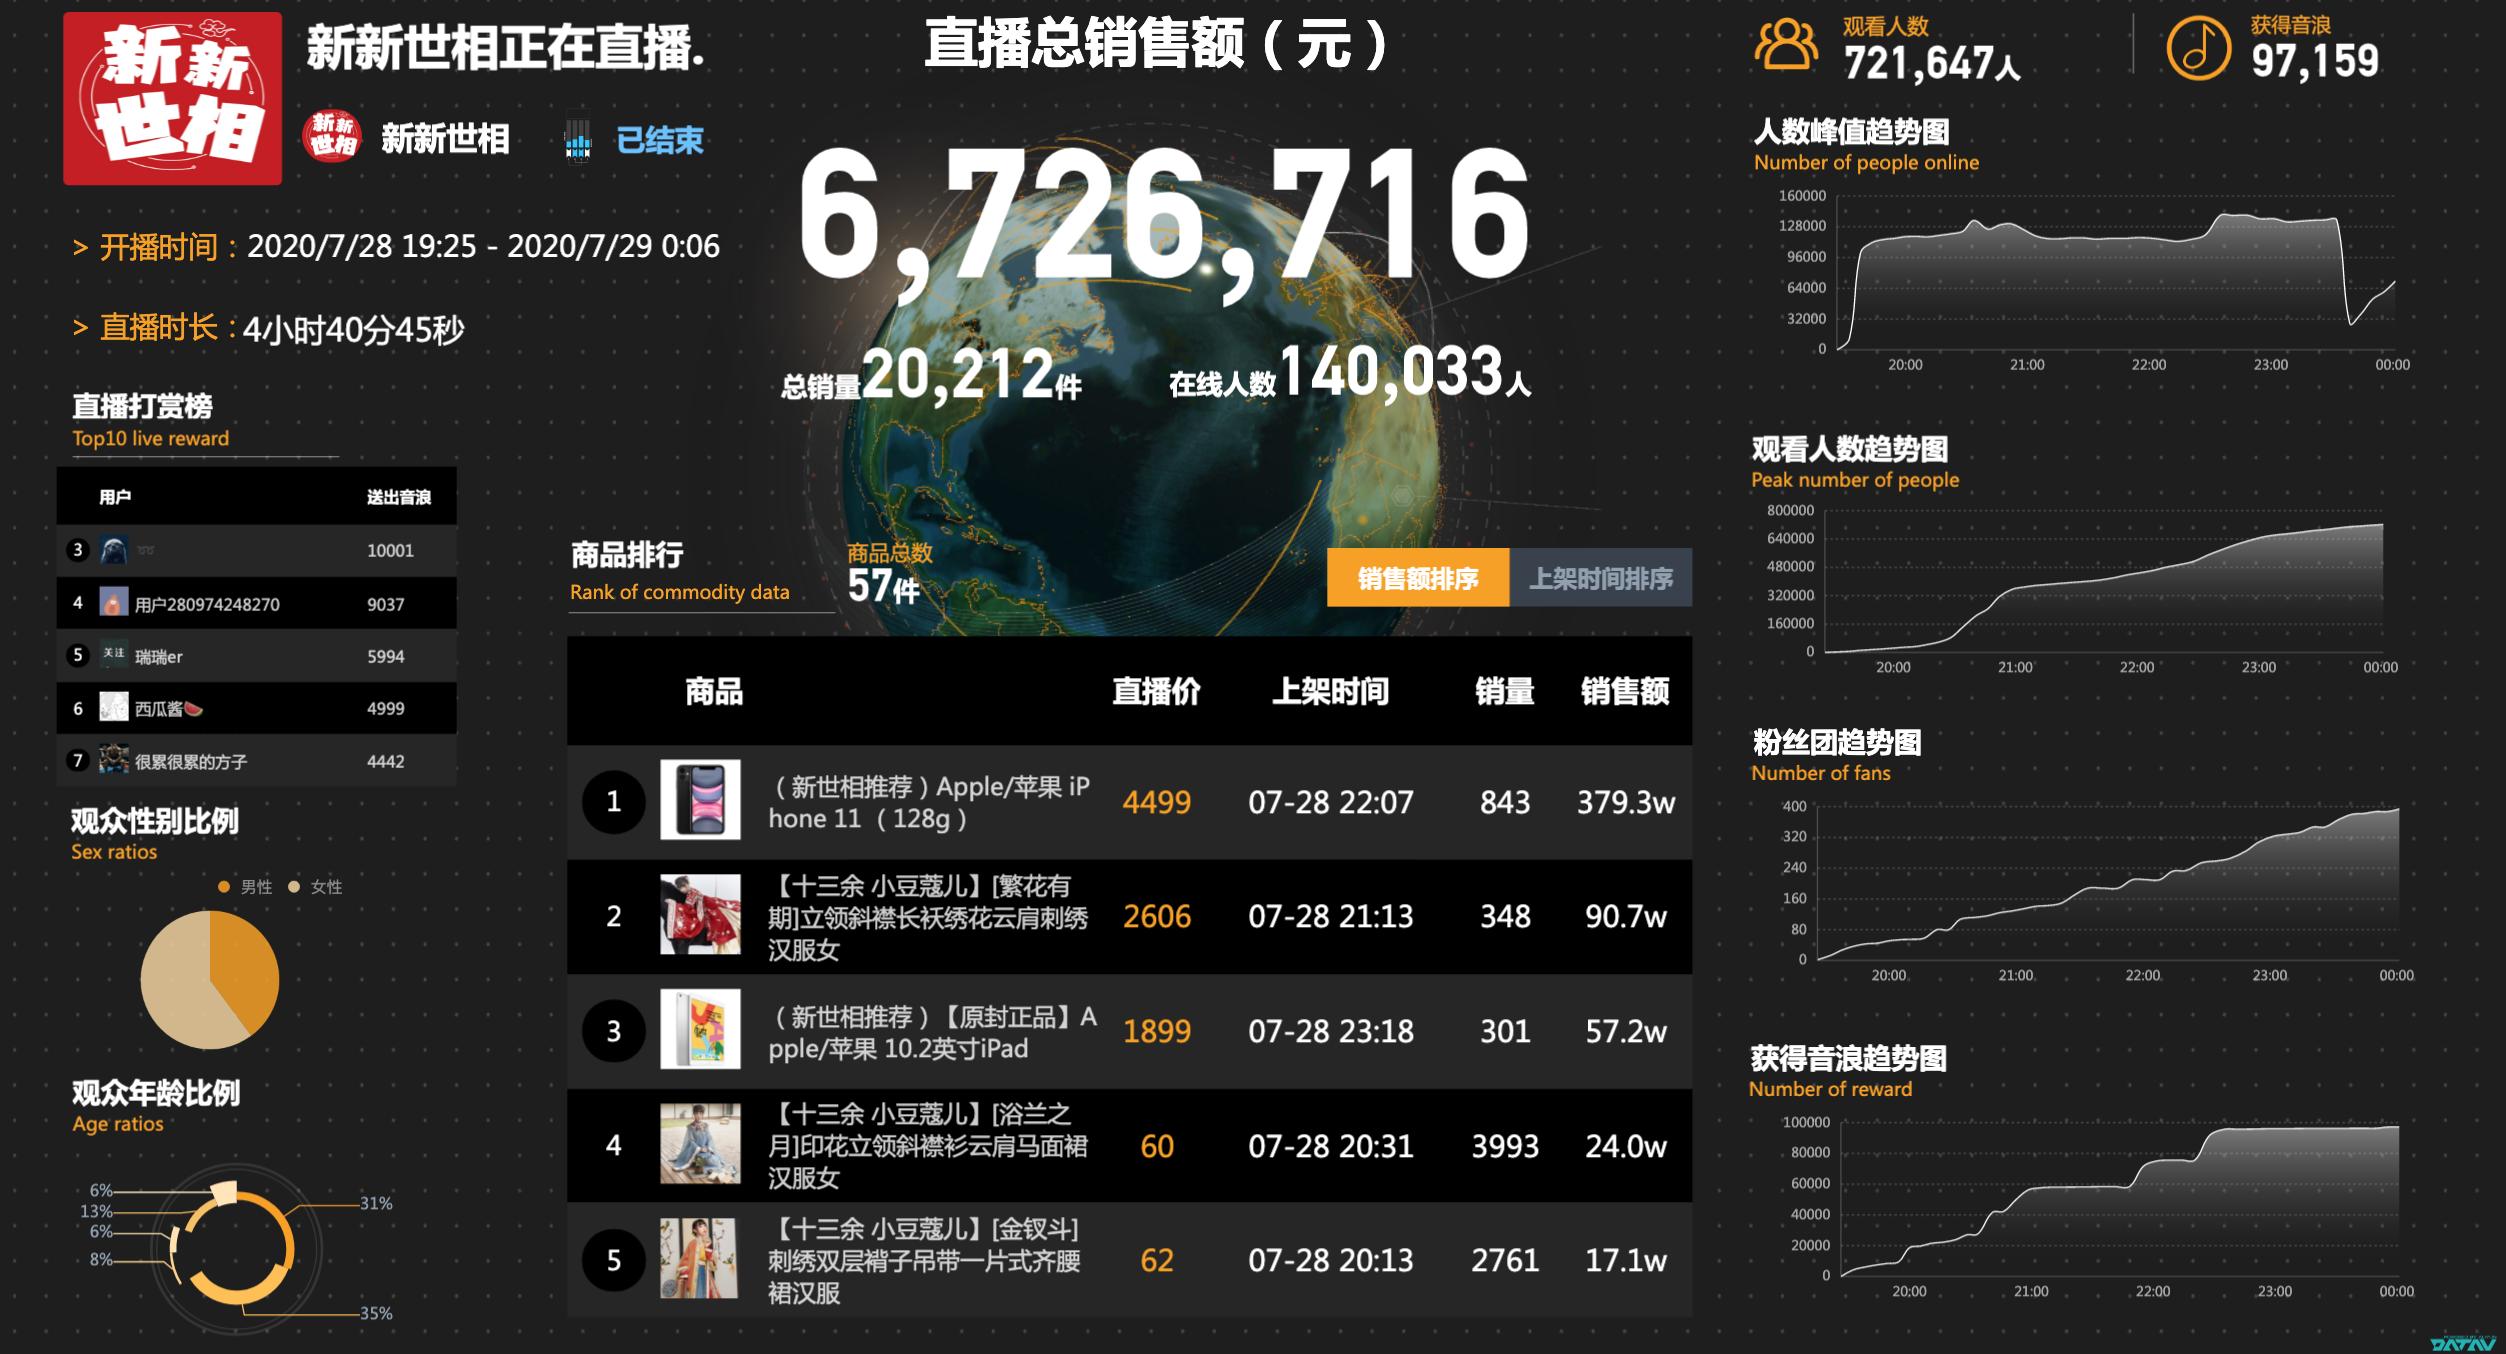 新世相抖音直播盯上汉服生意:2.1万粉丝带货672.7万元